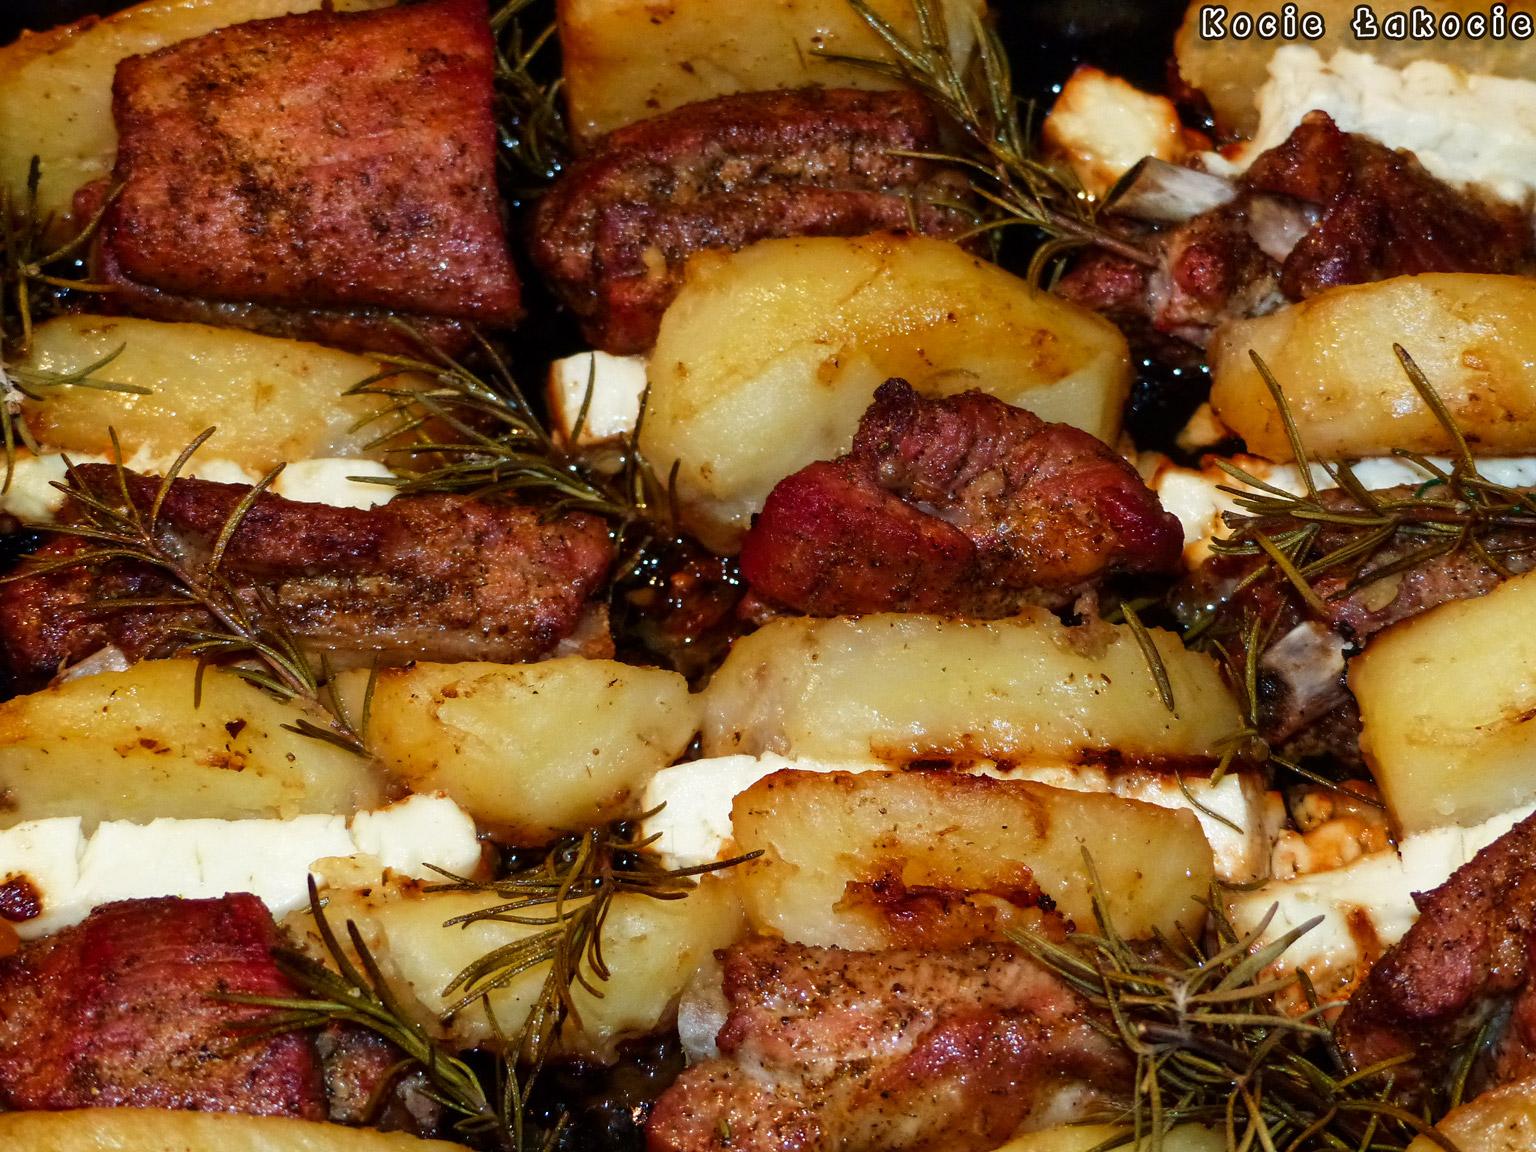 Żeberka pieczone z fetą i ziemniakami